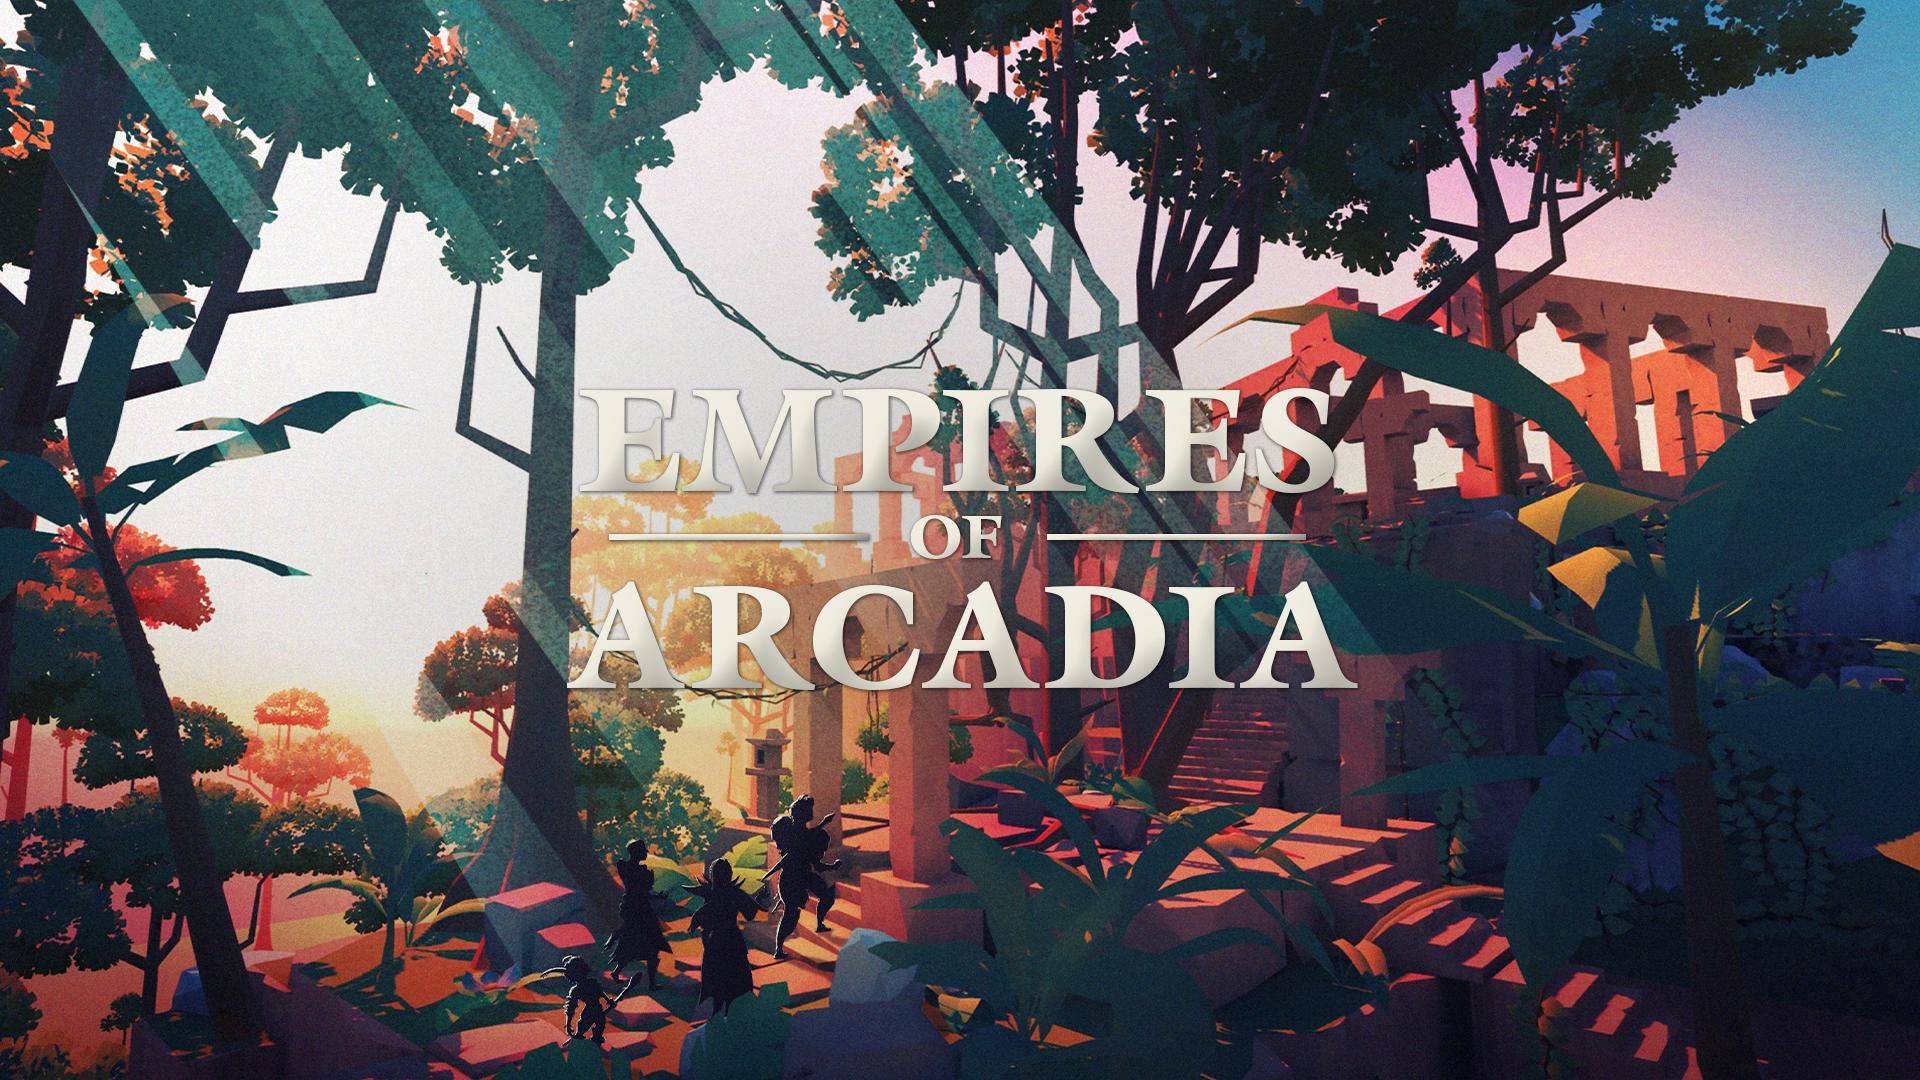 EmpiresOfArcadiaOpening